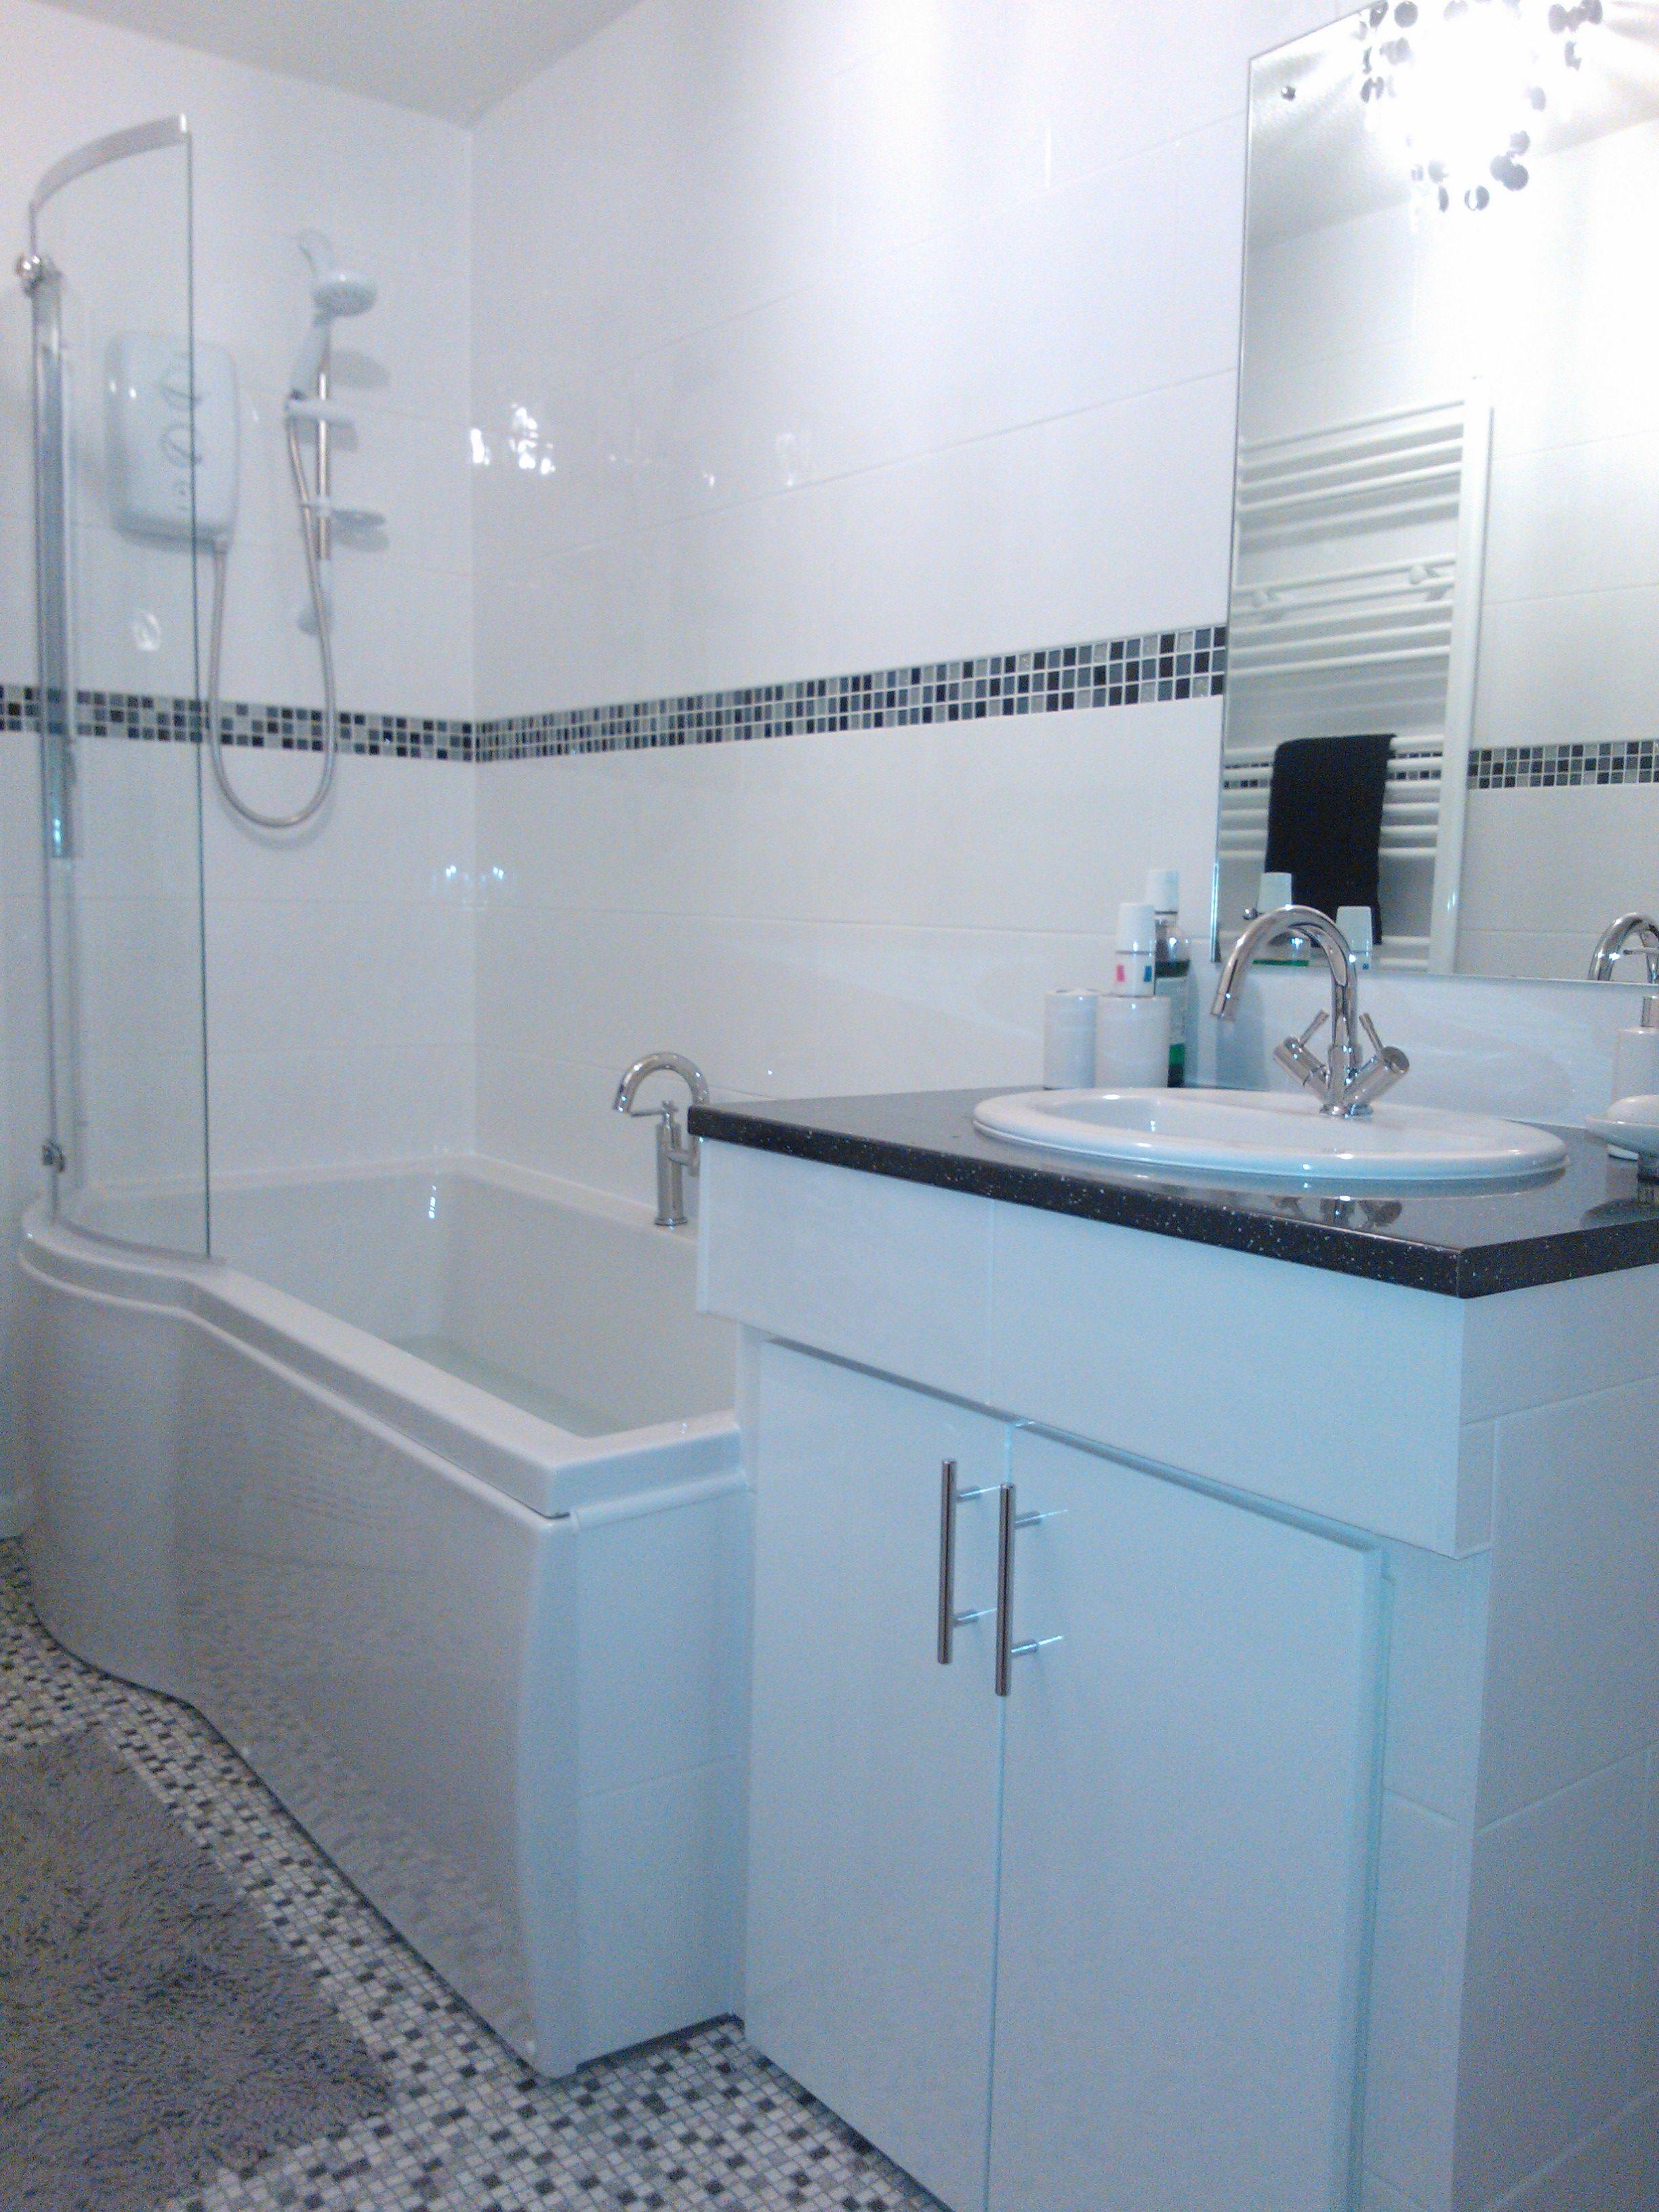 Fancy Bathroom Tile Border Application for Different Usage ...